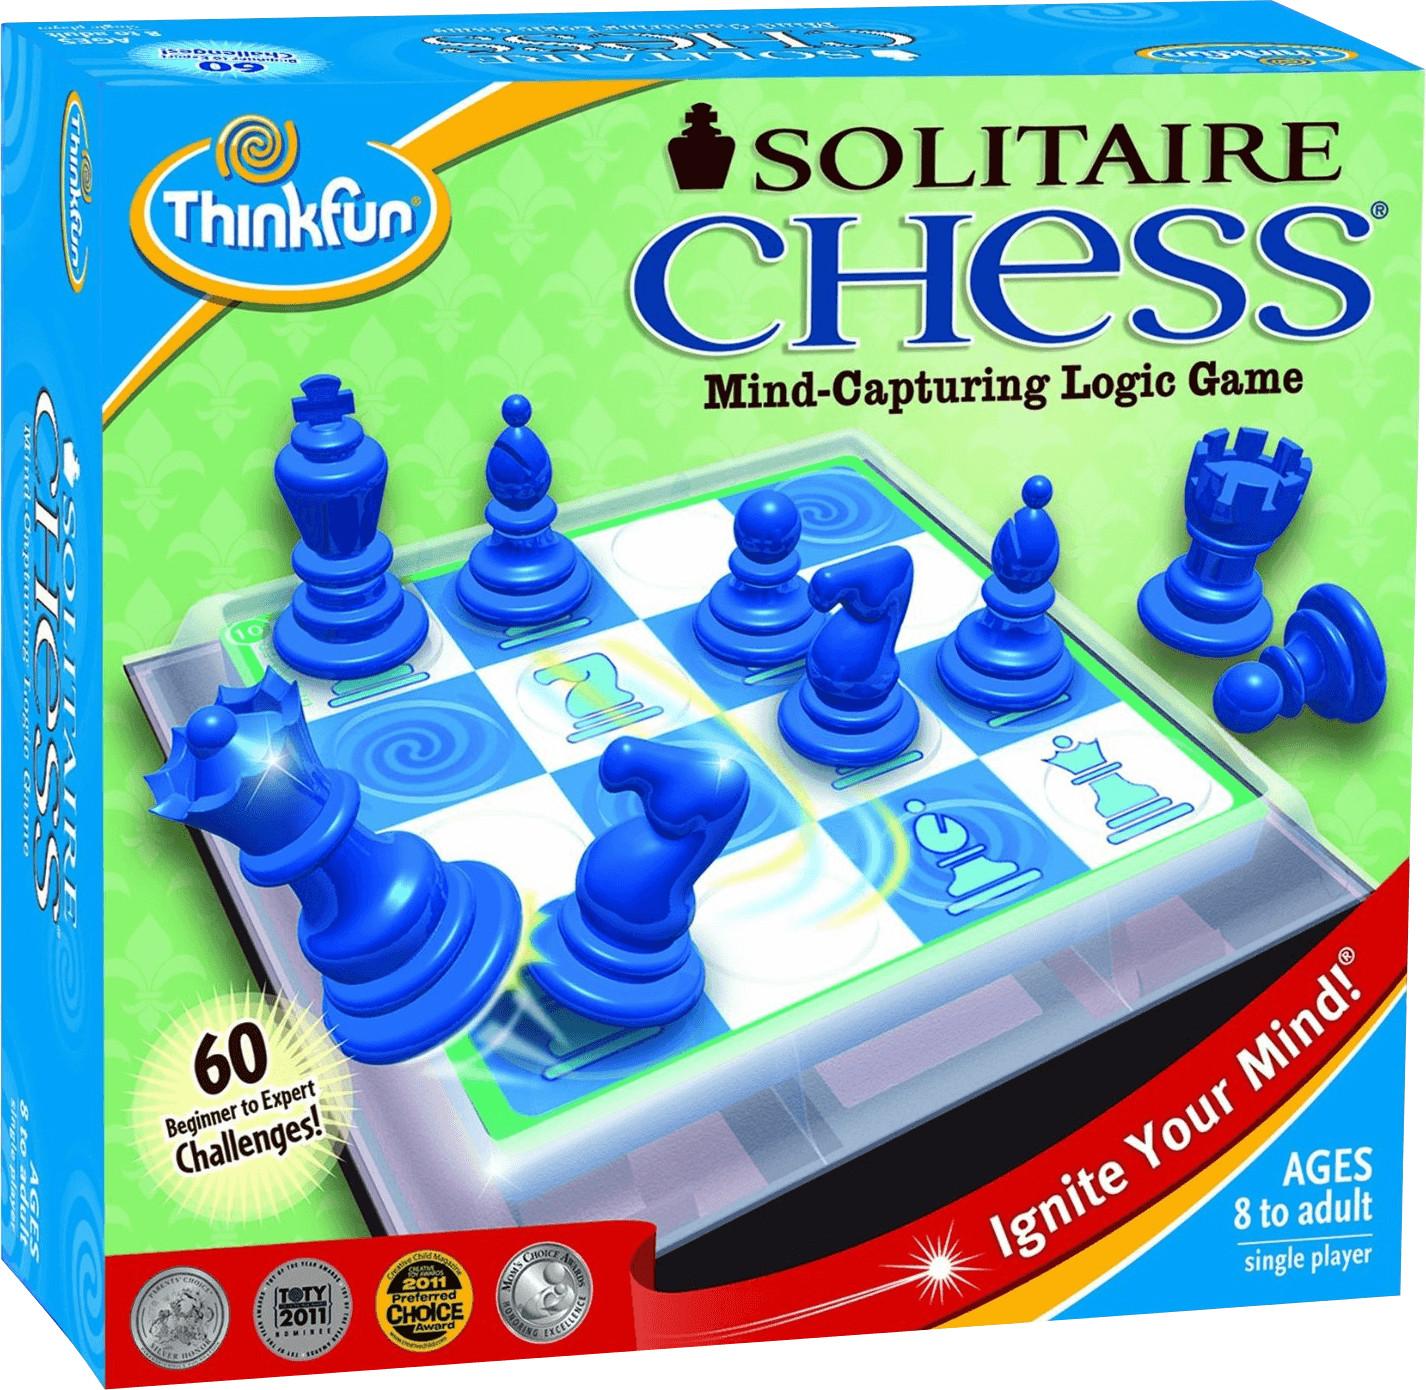 Thinkfun Solitaire Chess (76325)